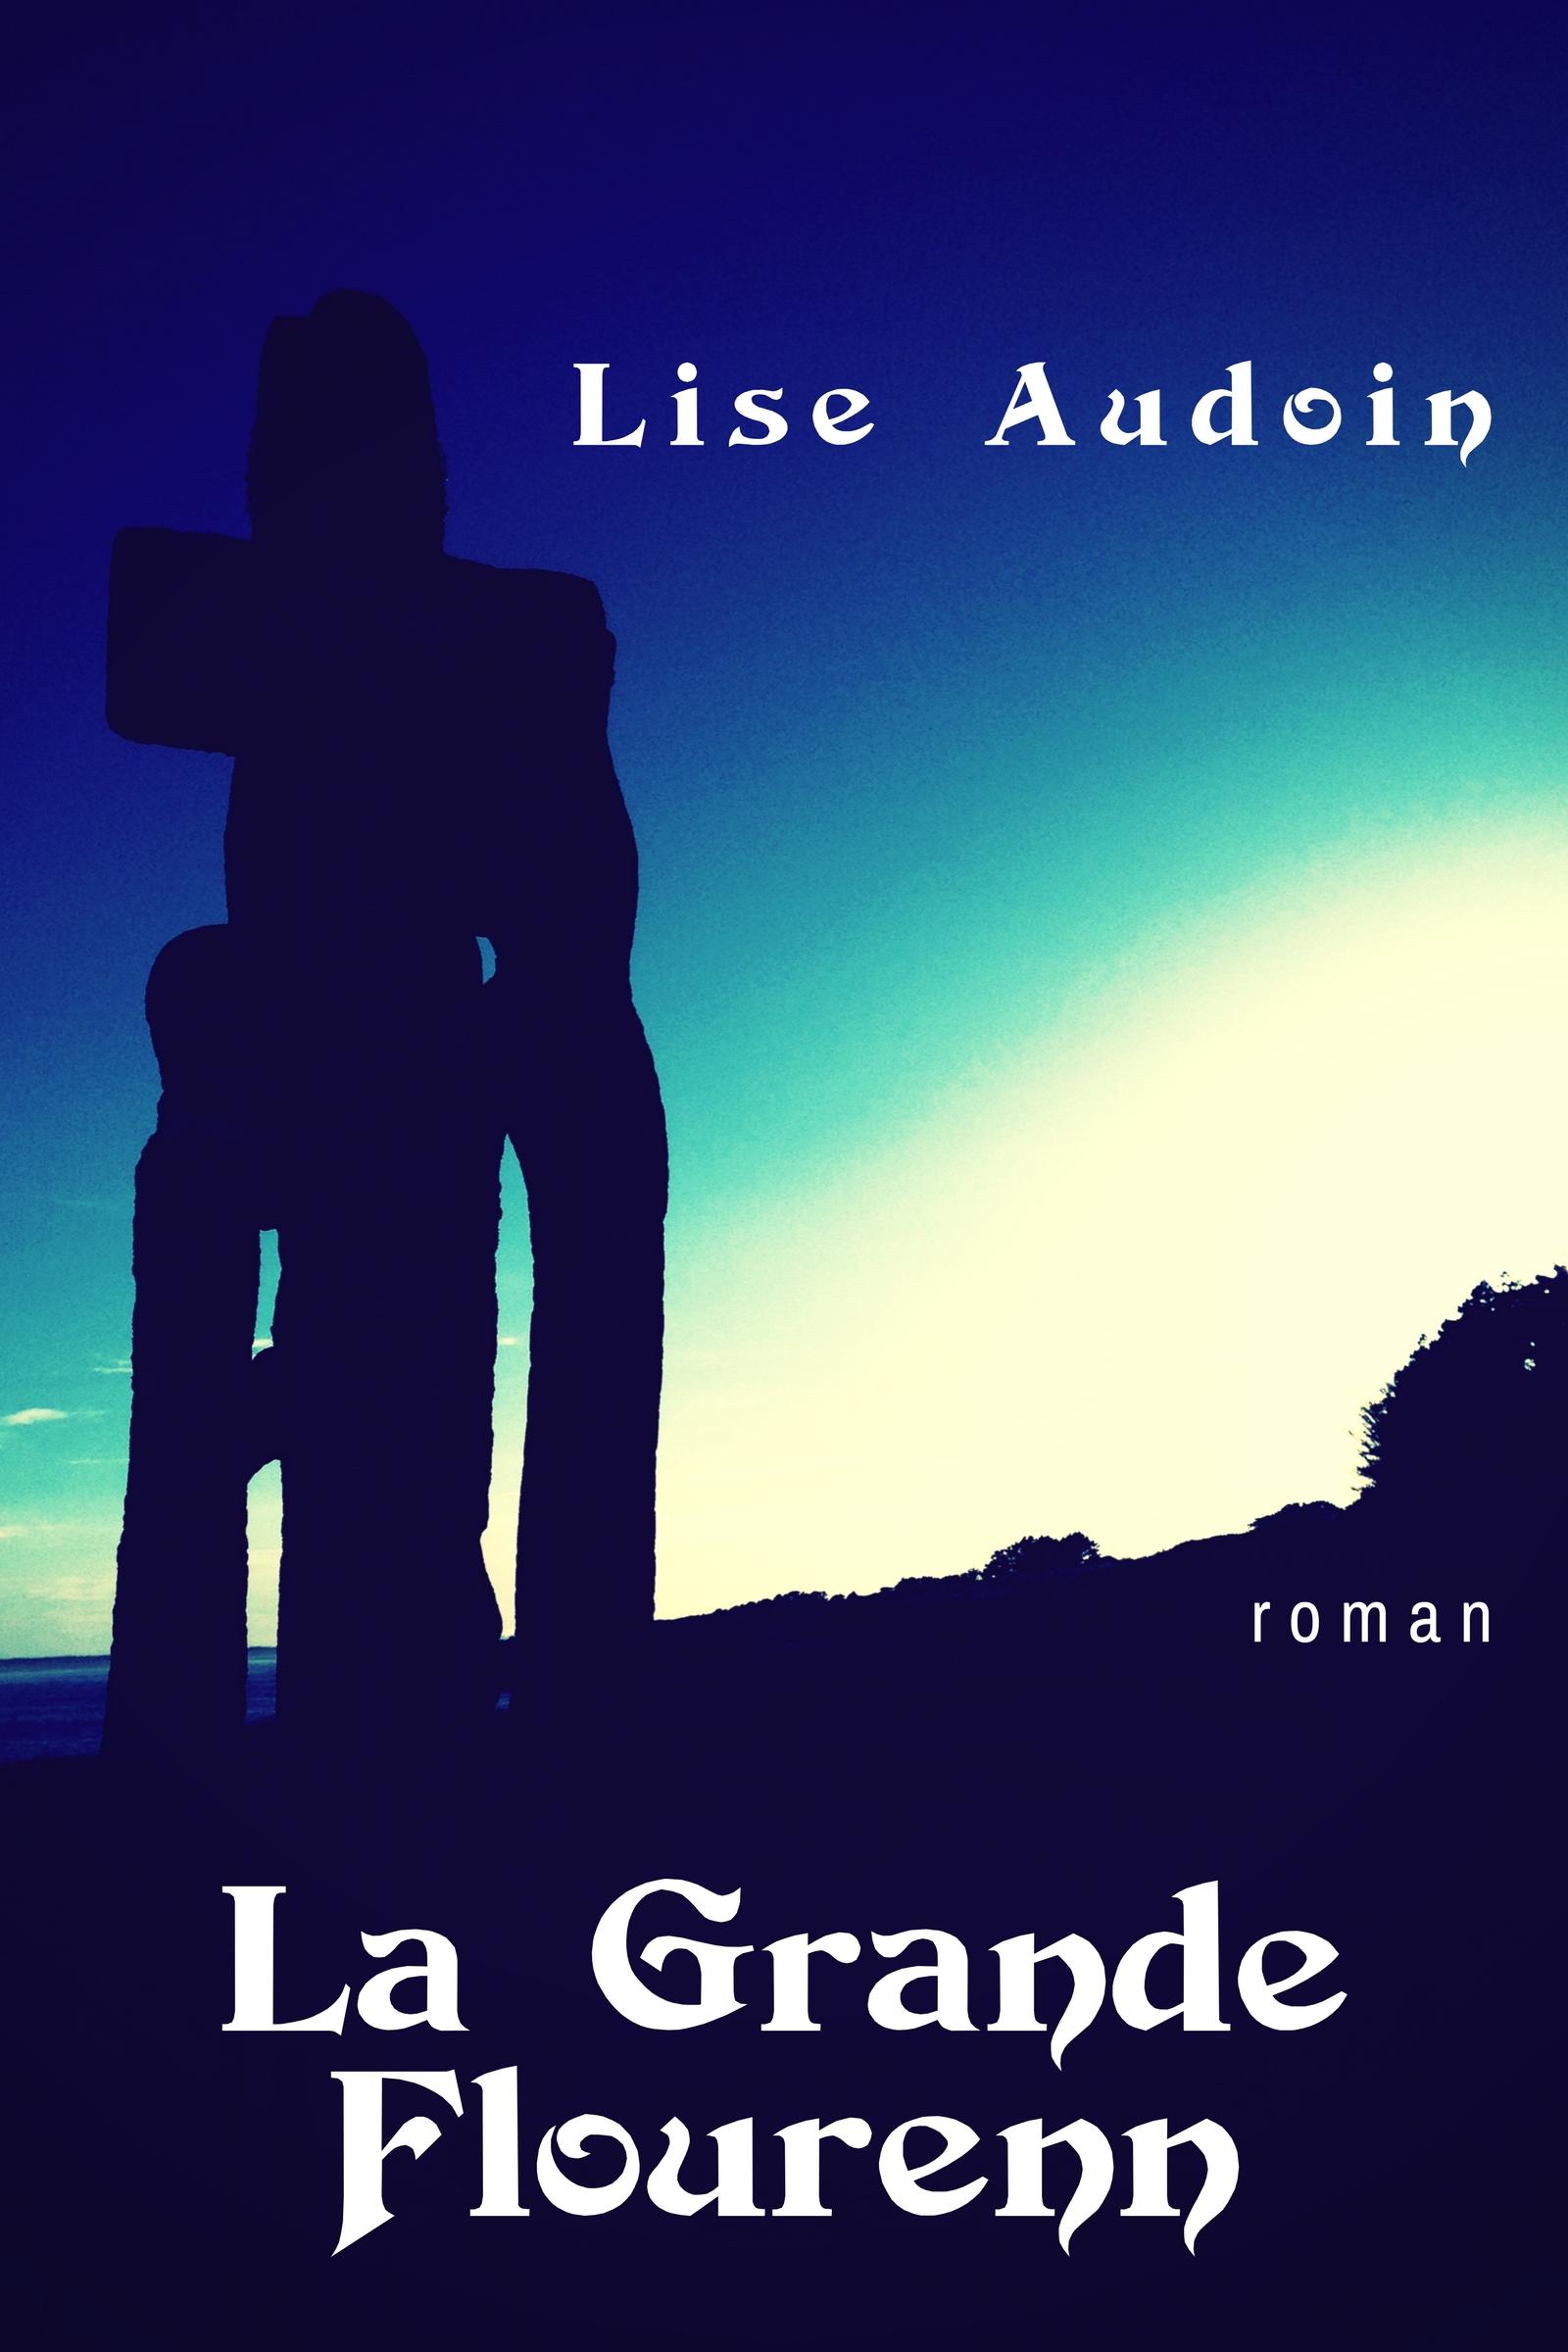 La_Grande_Flourenn_Kindle_Cover